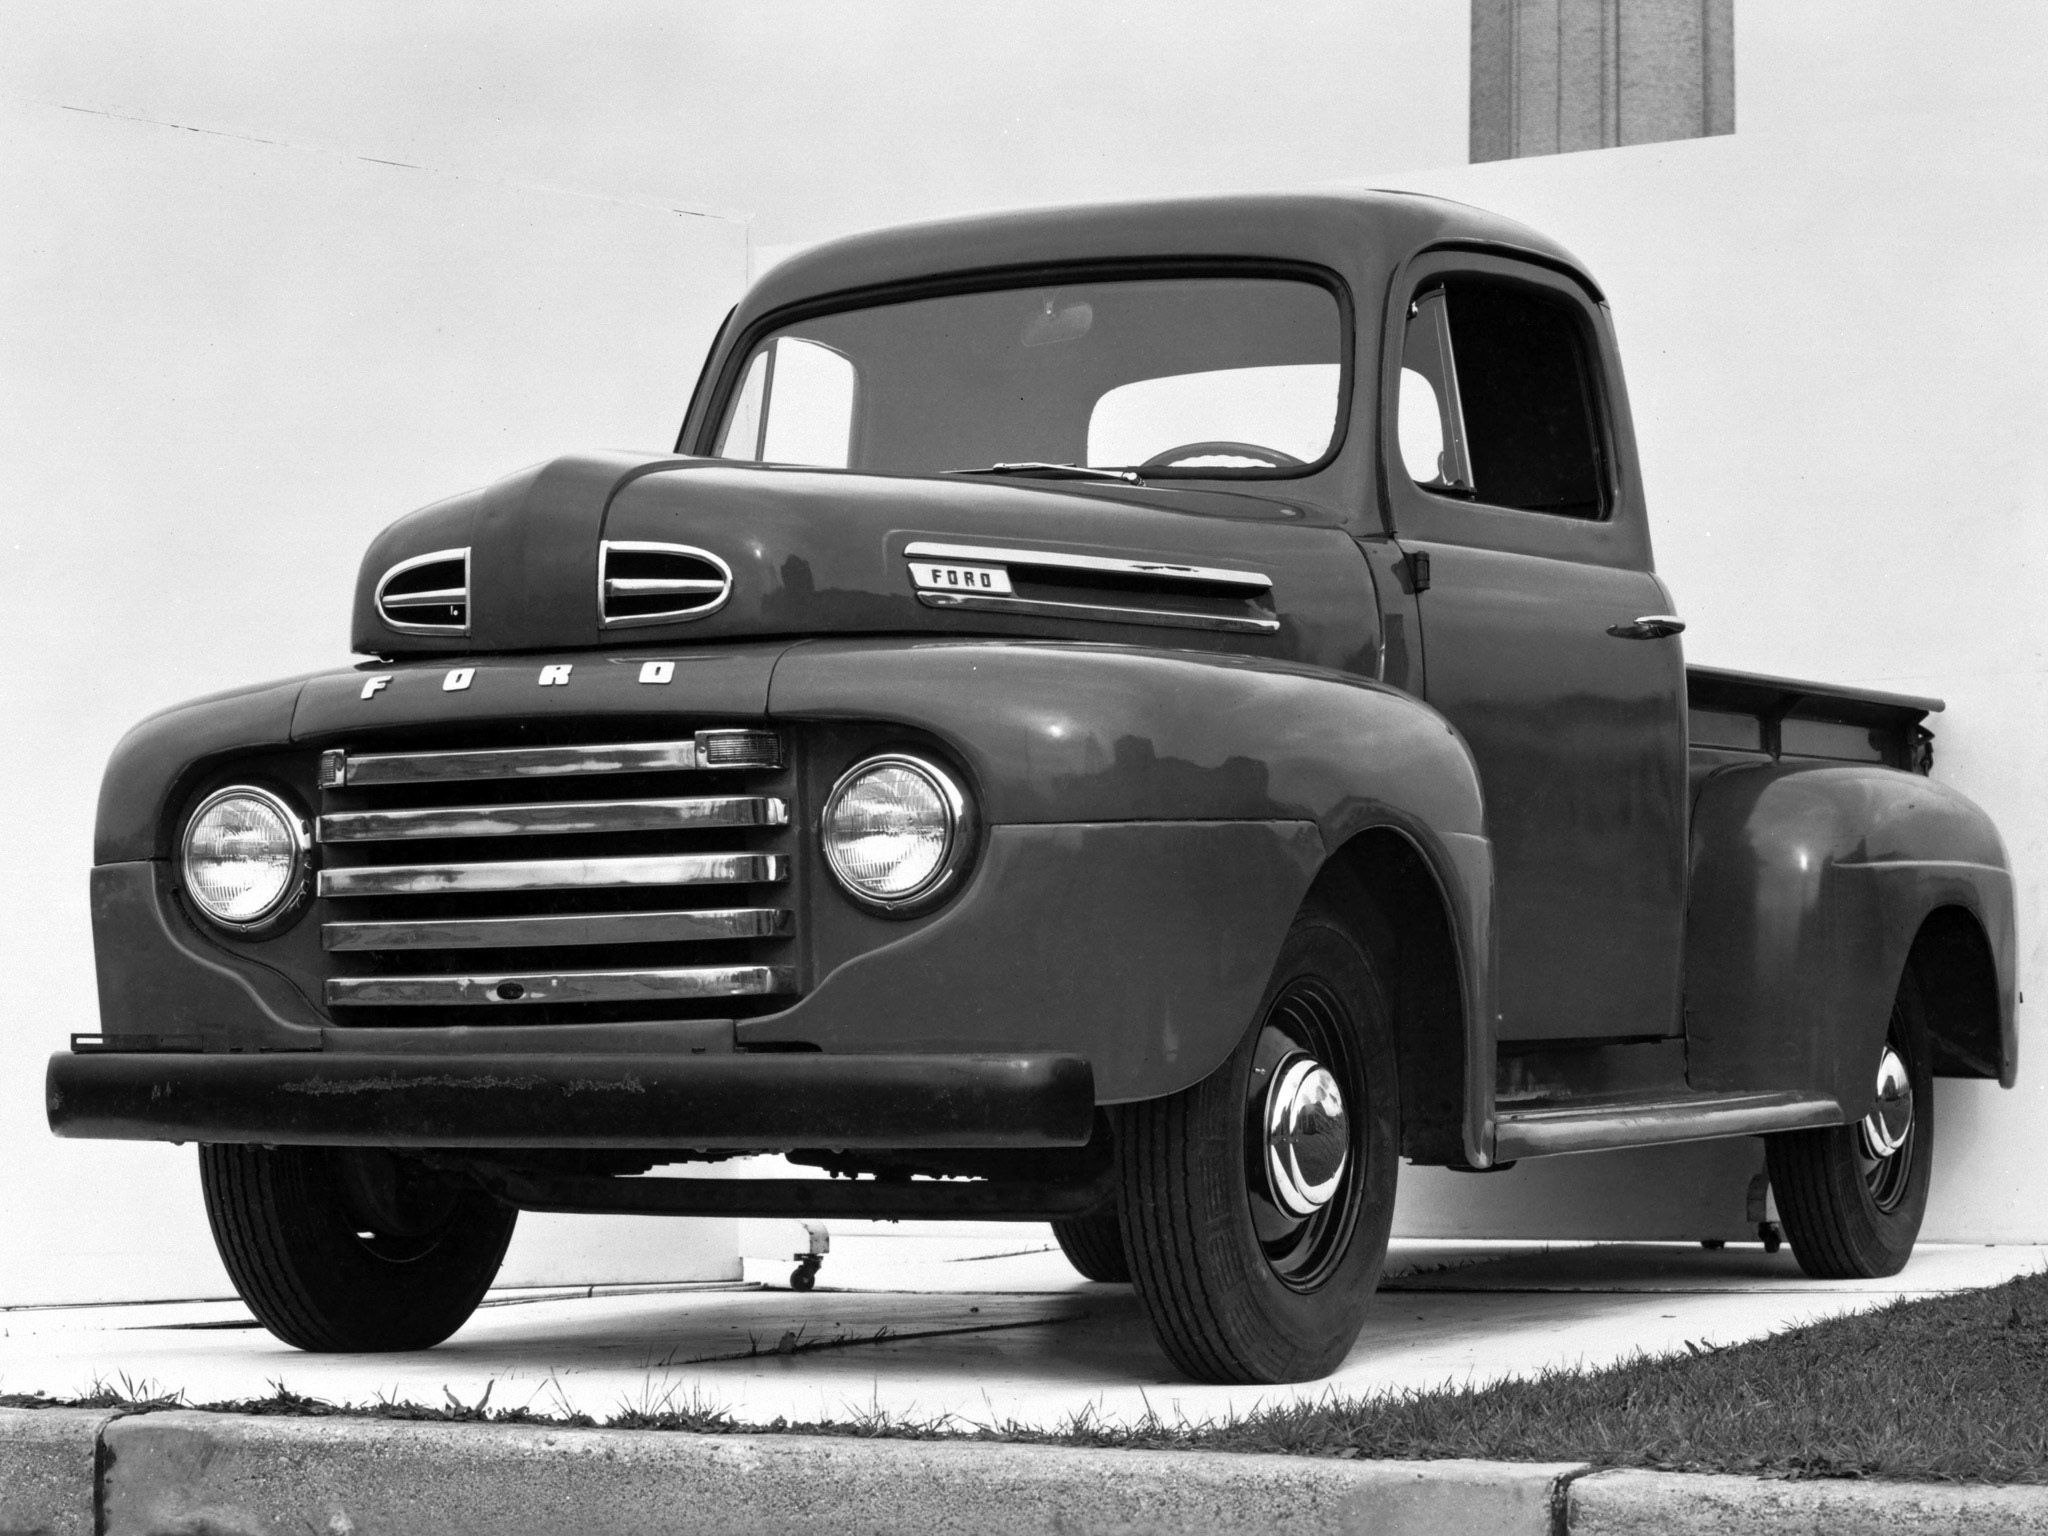 1948 Ford F 1 Pickup Truck Retro Wallpaper 2048x1536 104780 Wallpaperup Vintage Pickup Trucks Ford Pickup Trucks Pickup Trucks